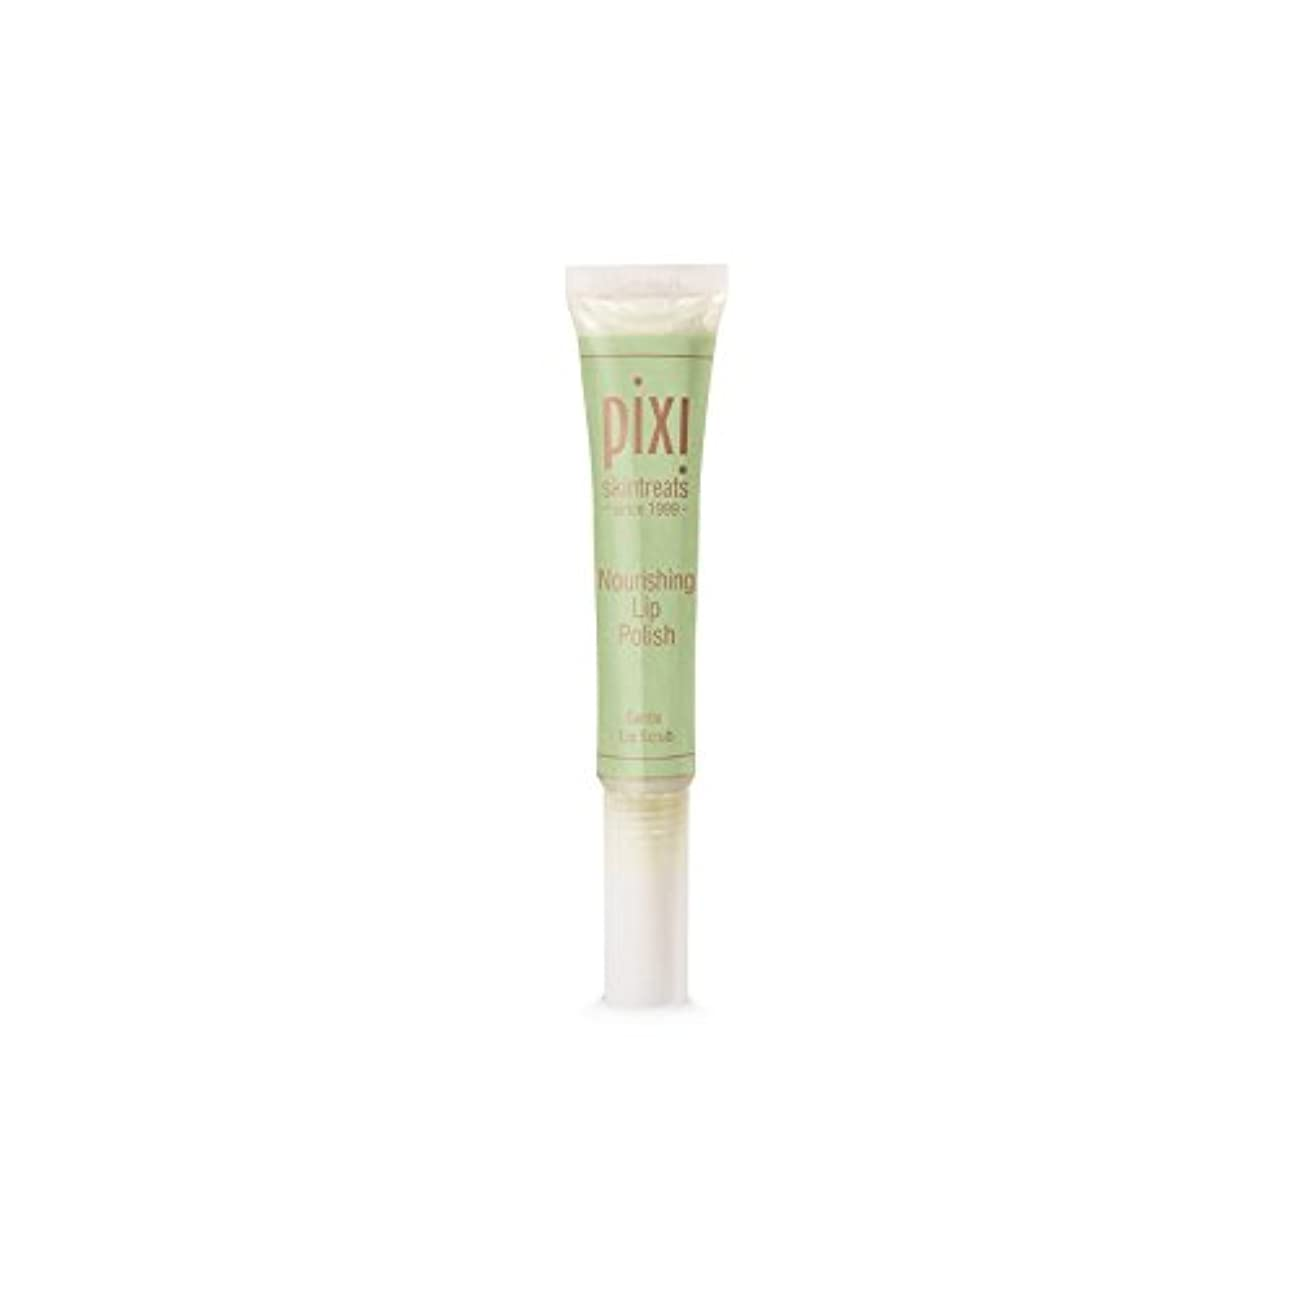 赤道入力明るいPixi Nourishing Lip Polish (Pack of 6) - 栄養リップポリッシュ x6 [並行輸入品]